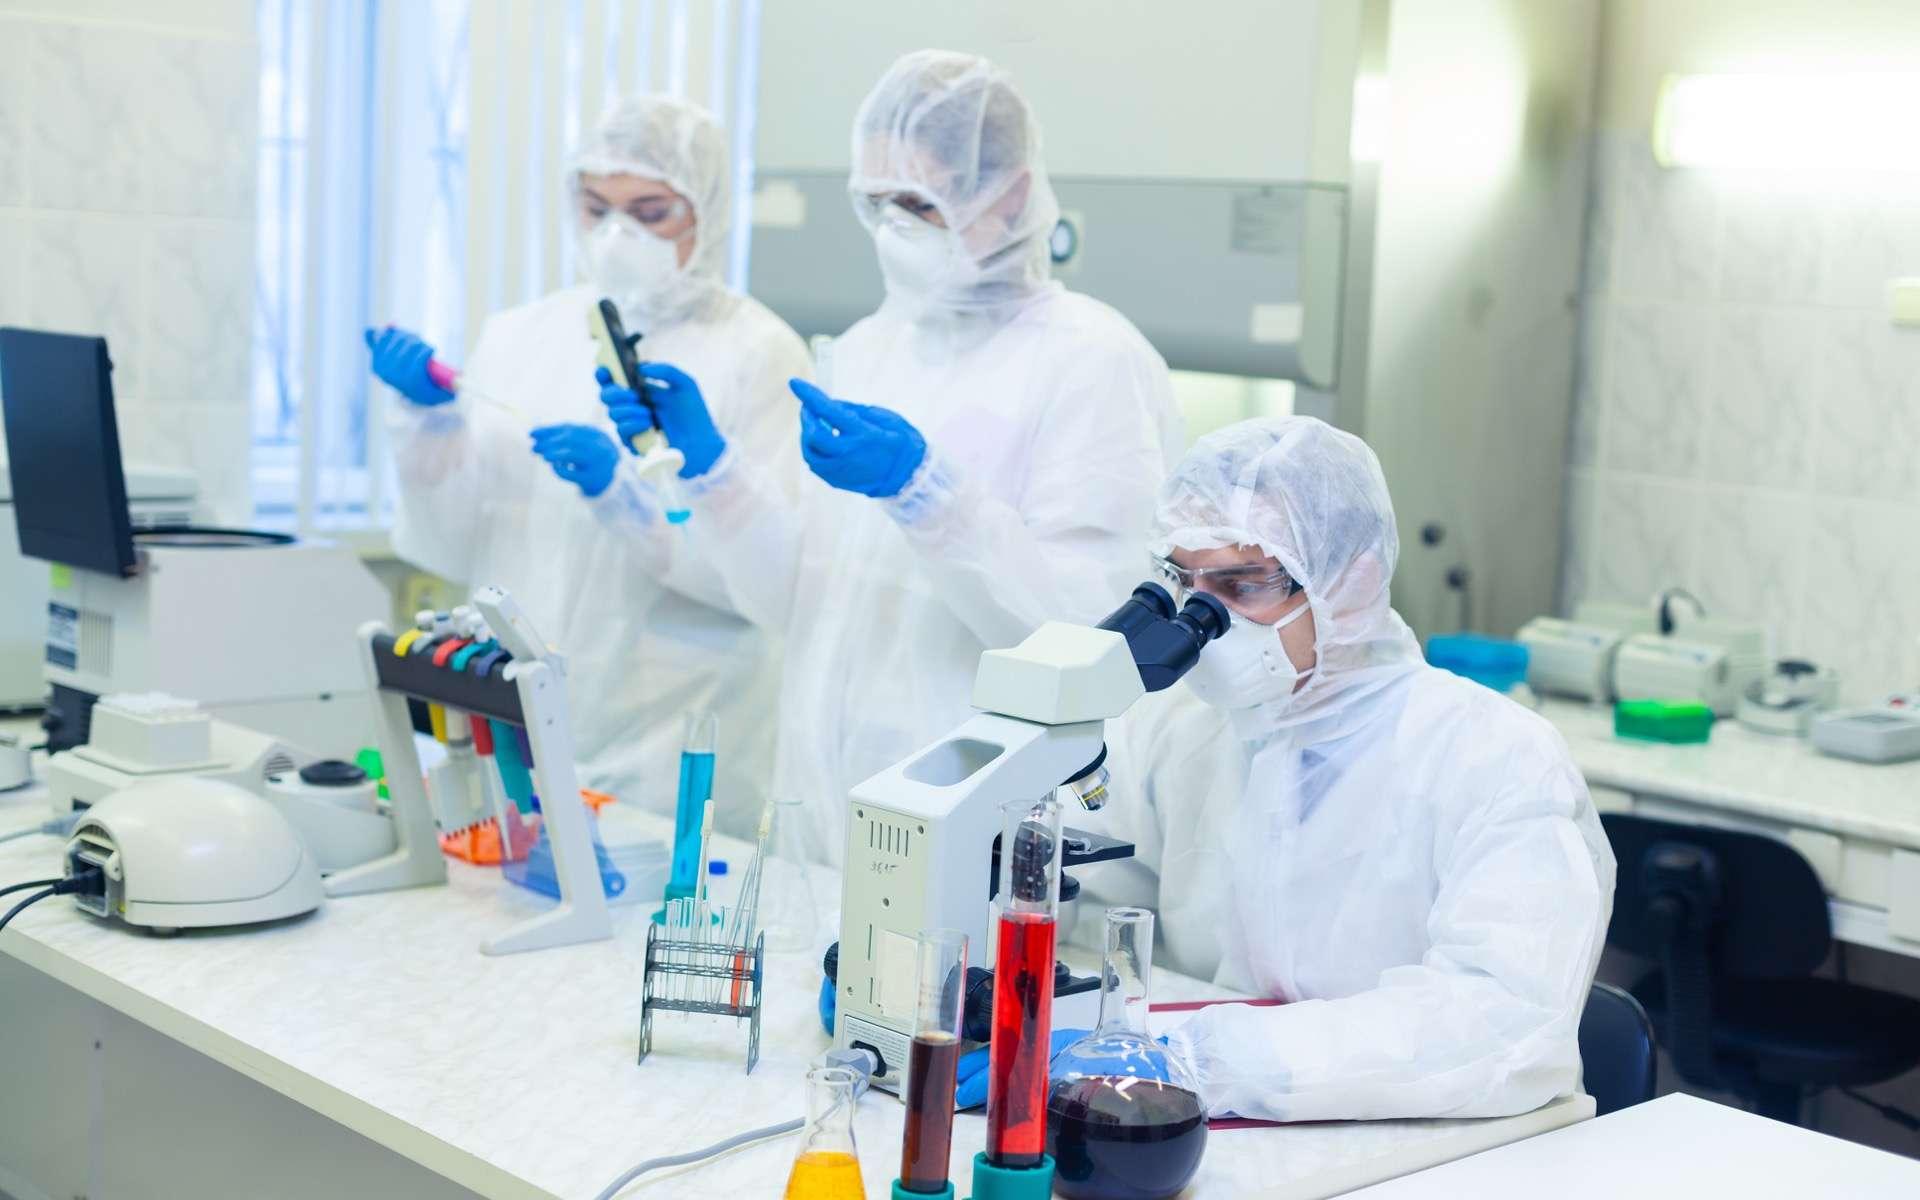 Le laboratoire américain Regeneron teste plusieurs pistes thérapeutique : des médicaments antiviraux, de type antibiotiques, et l'immunothérapie via les anticorps monoclonaux. © Satyrenko, Adobe Stock